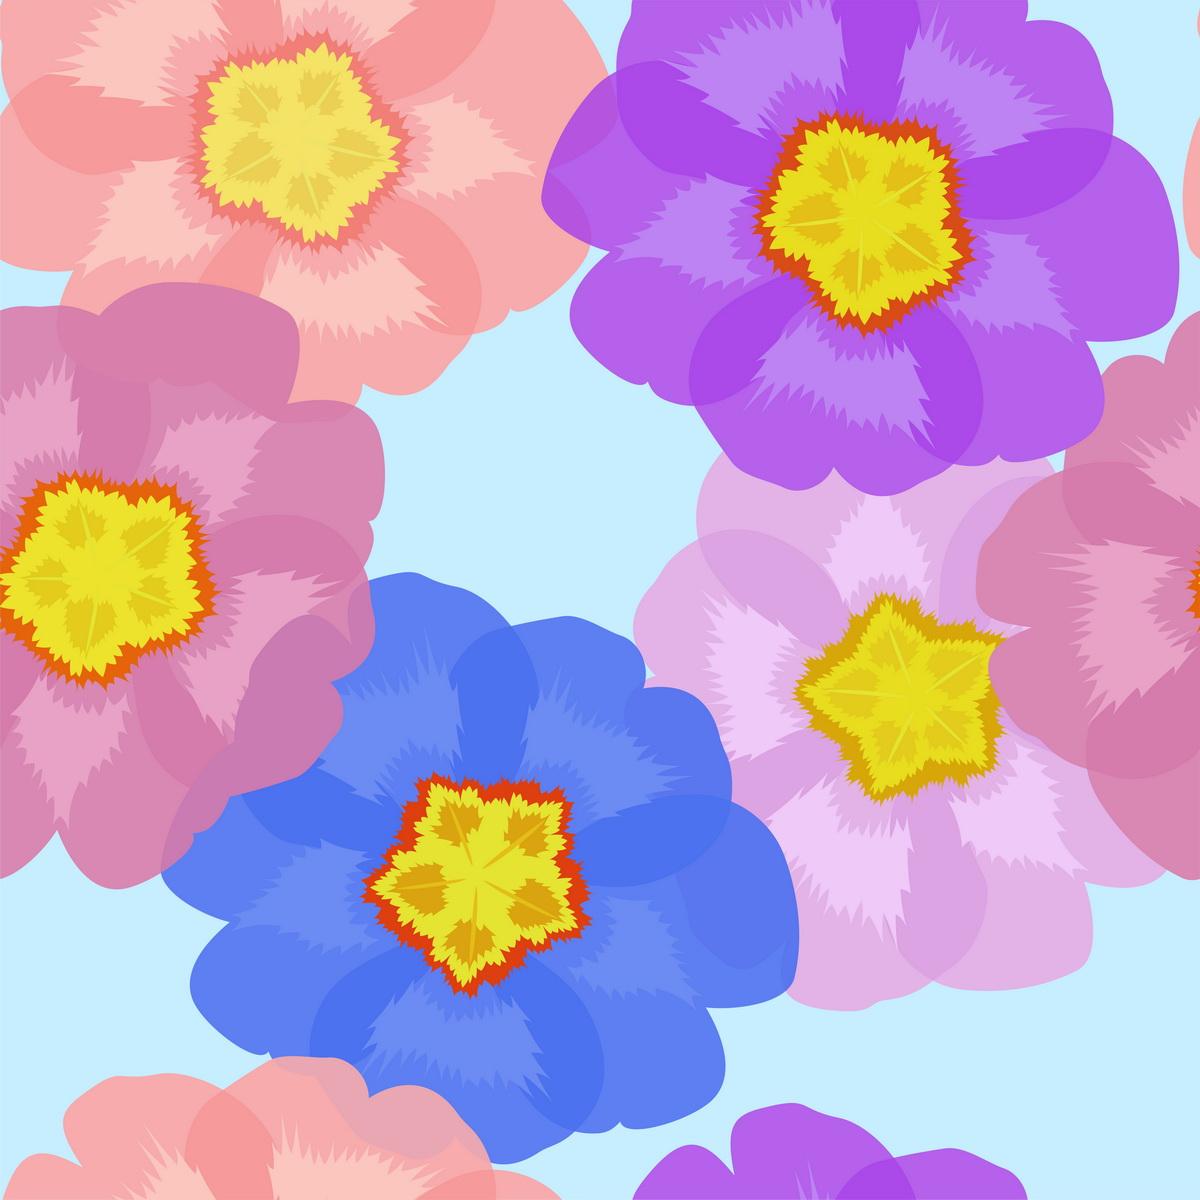 Бесшовные цветочные фоны бесплатно.